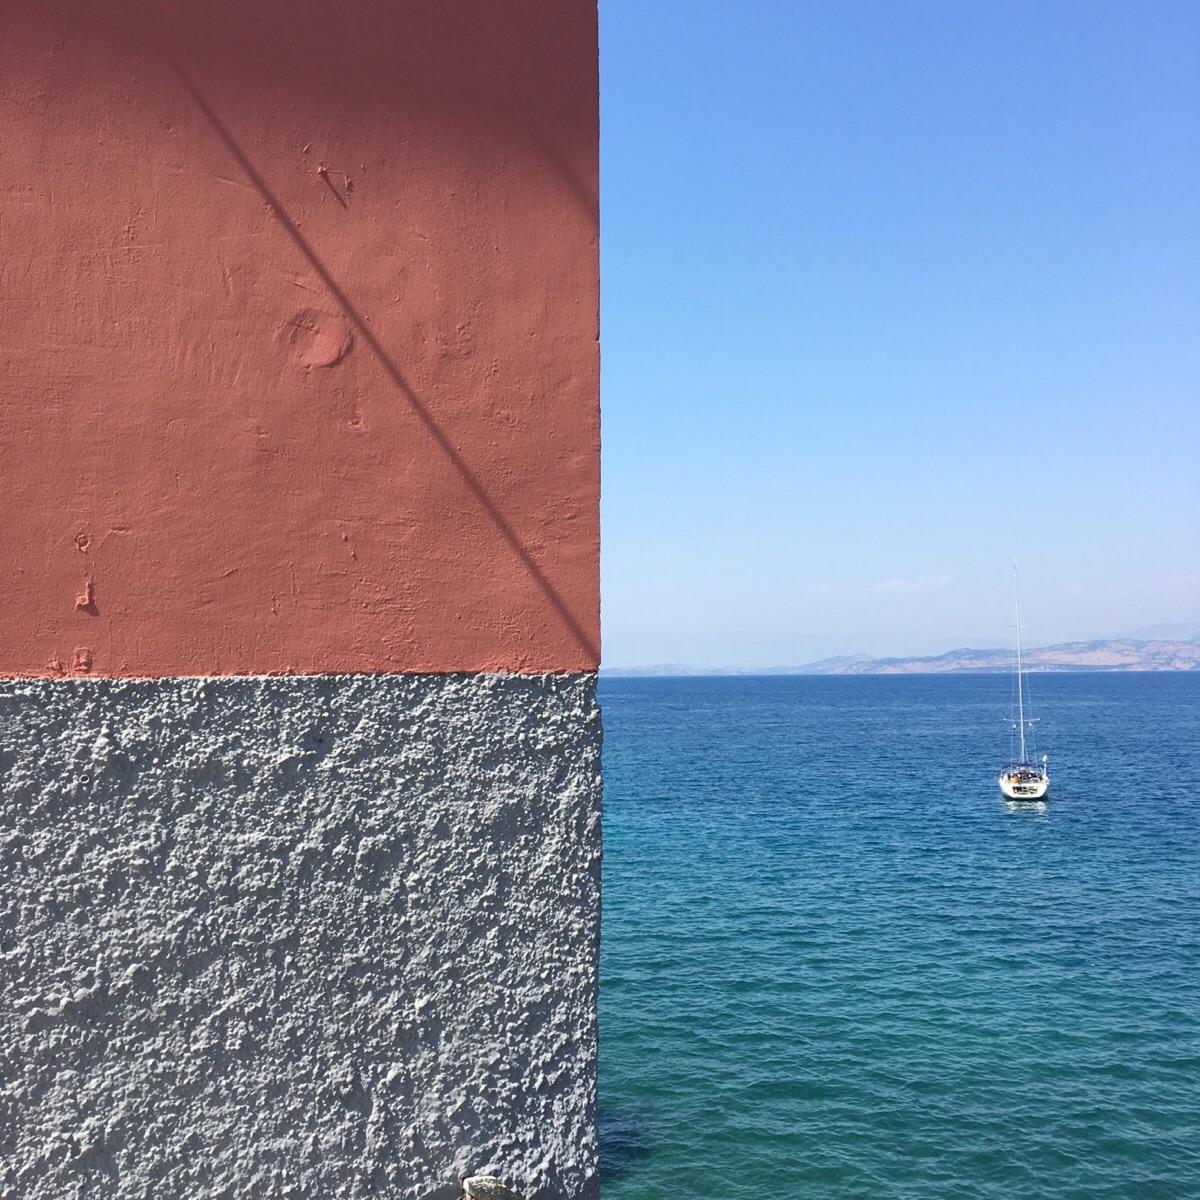 Ces photos jouent avec la perspective pour tromper votre cerveau